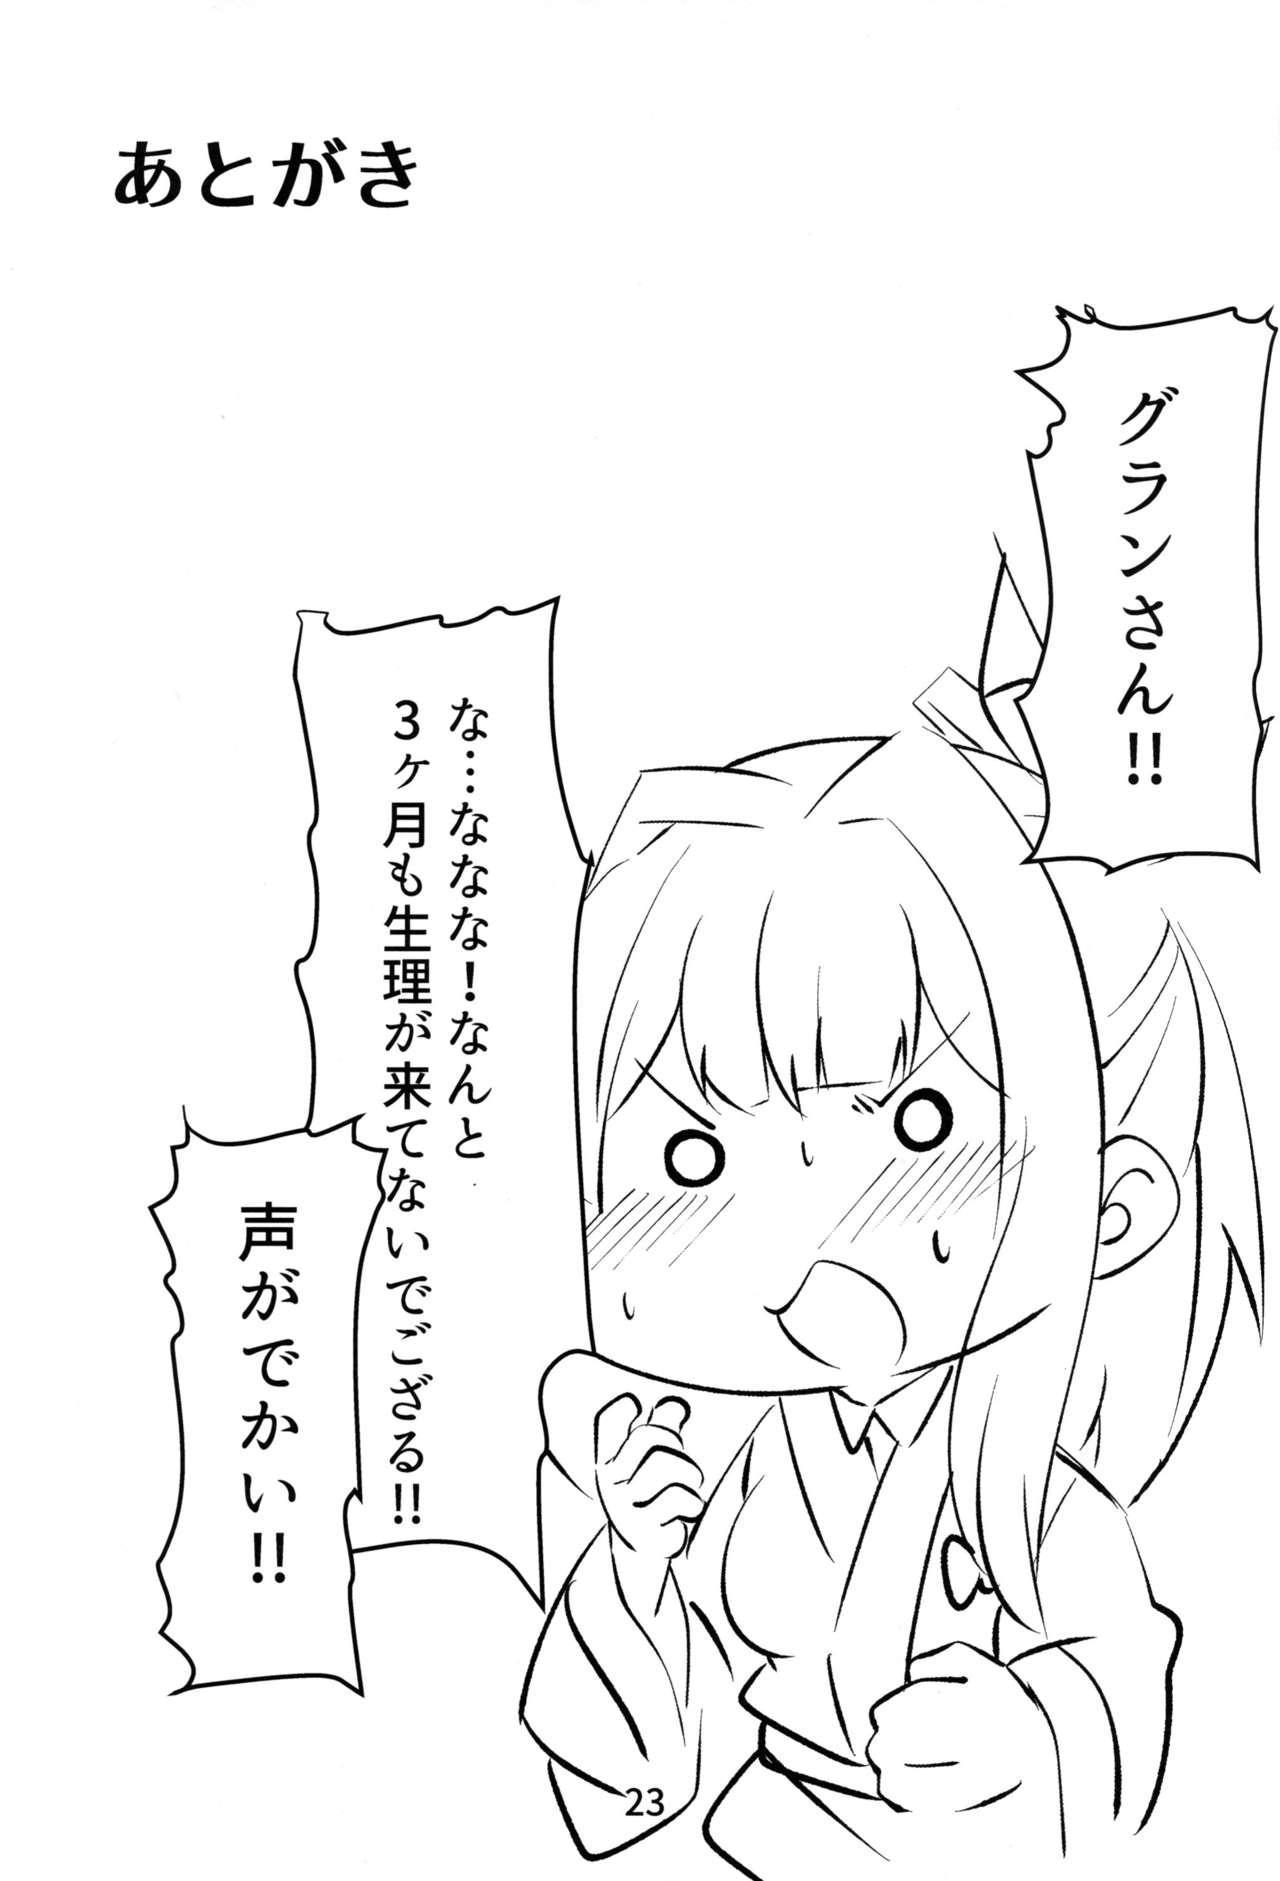 Mirin-chan no Yukemuri Onsen Yawa 21